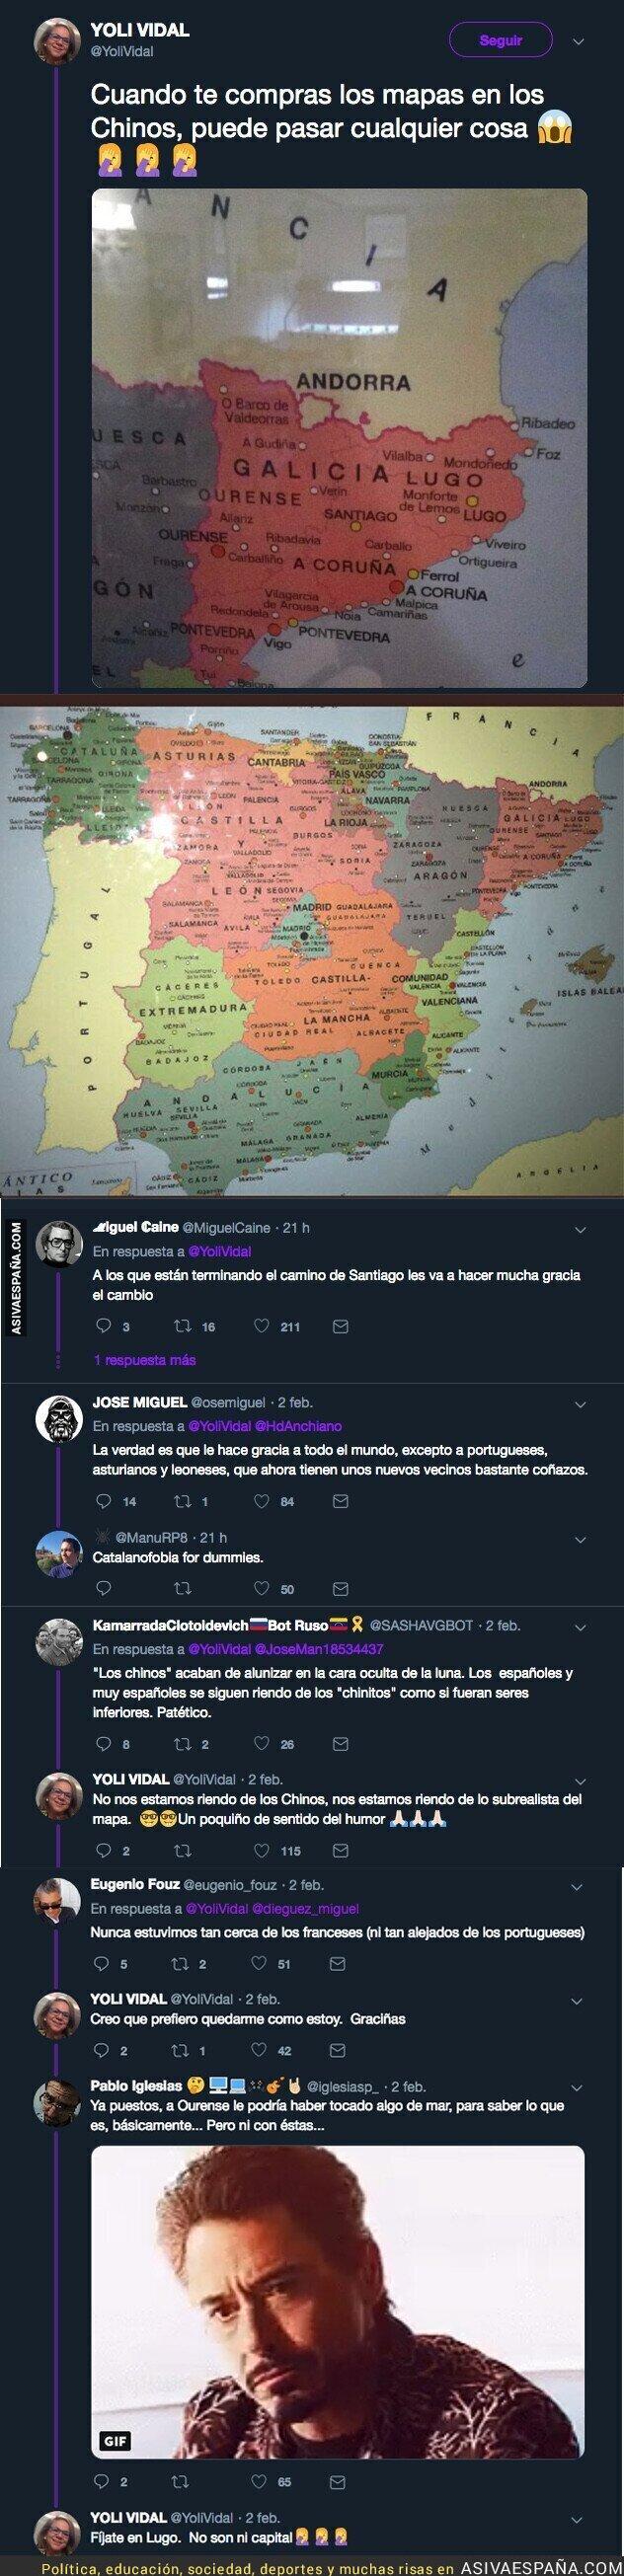 103907 - El mapa que se ha comprado esta mujer y que se ha hecho viral por situar a Galicia en Catalunya